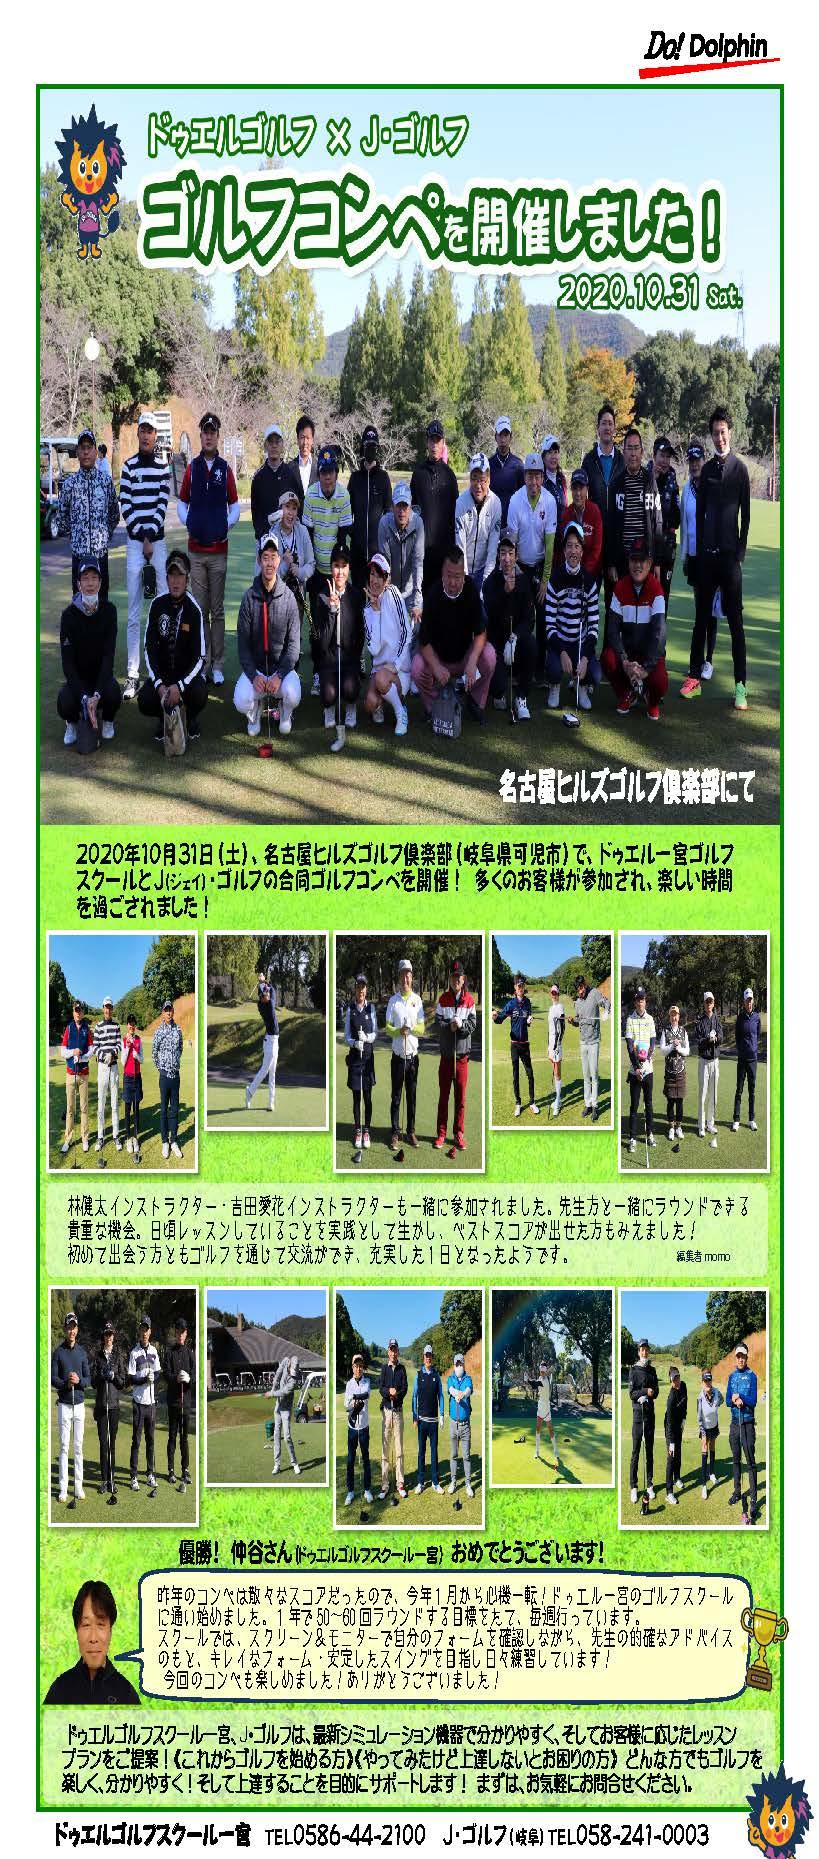 ドルフィン広報誌12月号校了_ページ_4